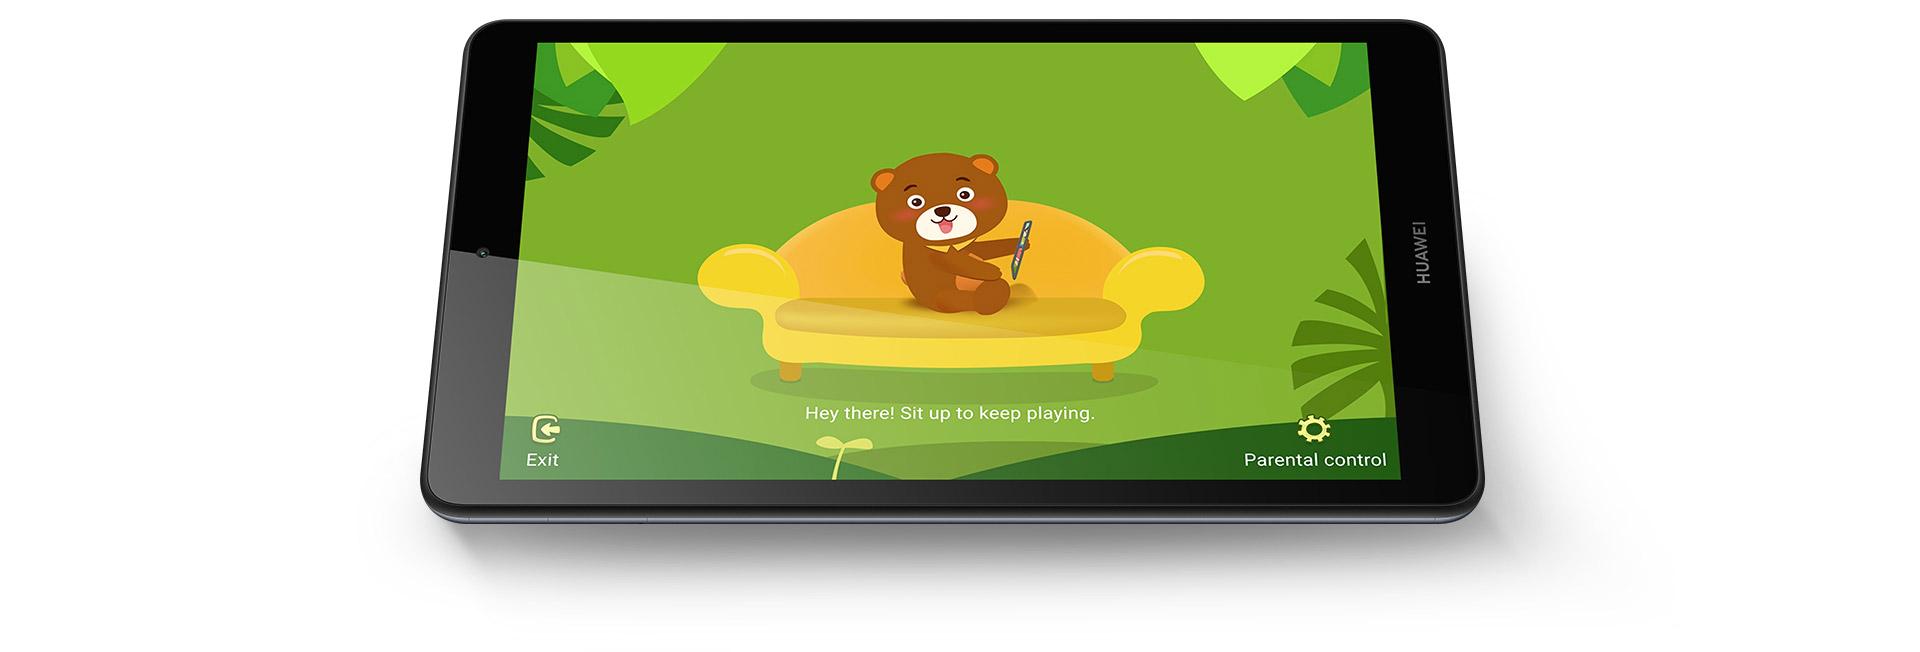 Huawei MediaPad M5 Lite 8 LTE